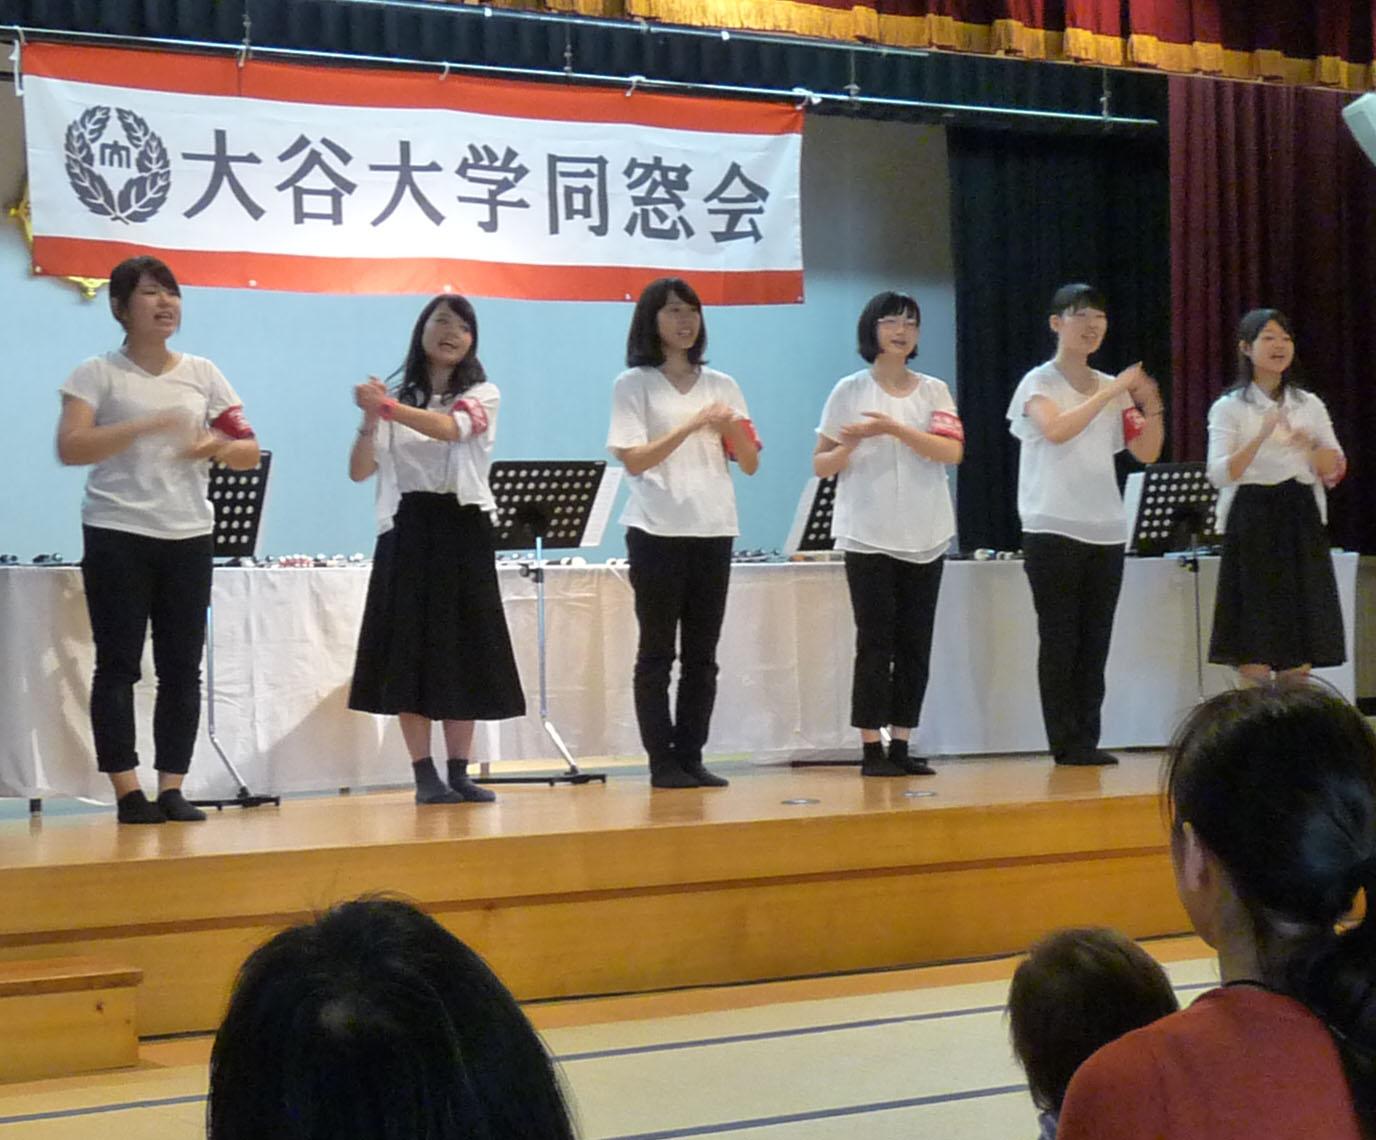 大谷大学が同窓会と共催により、滋賀県長浜市で子育て支援イベント「おおたにキッズキャンパス in 長浜」を開催